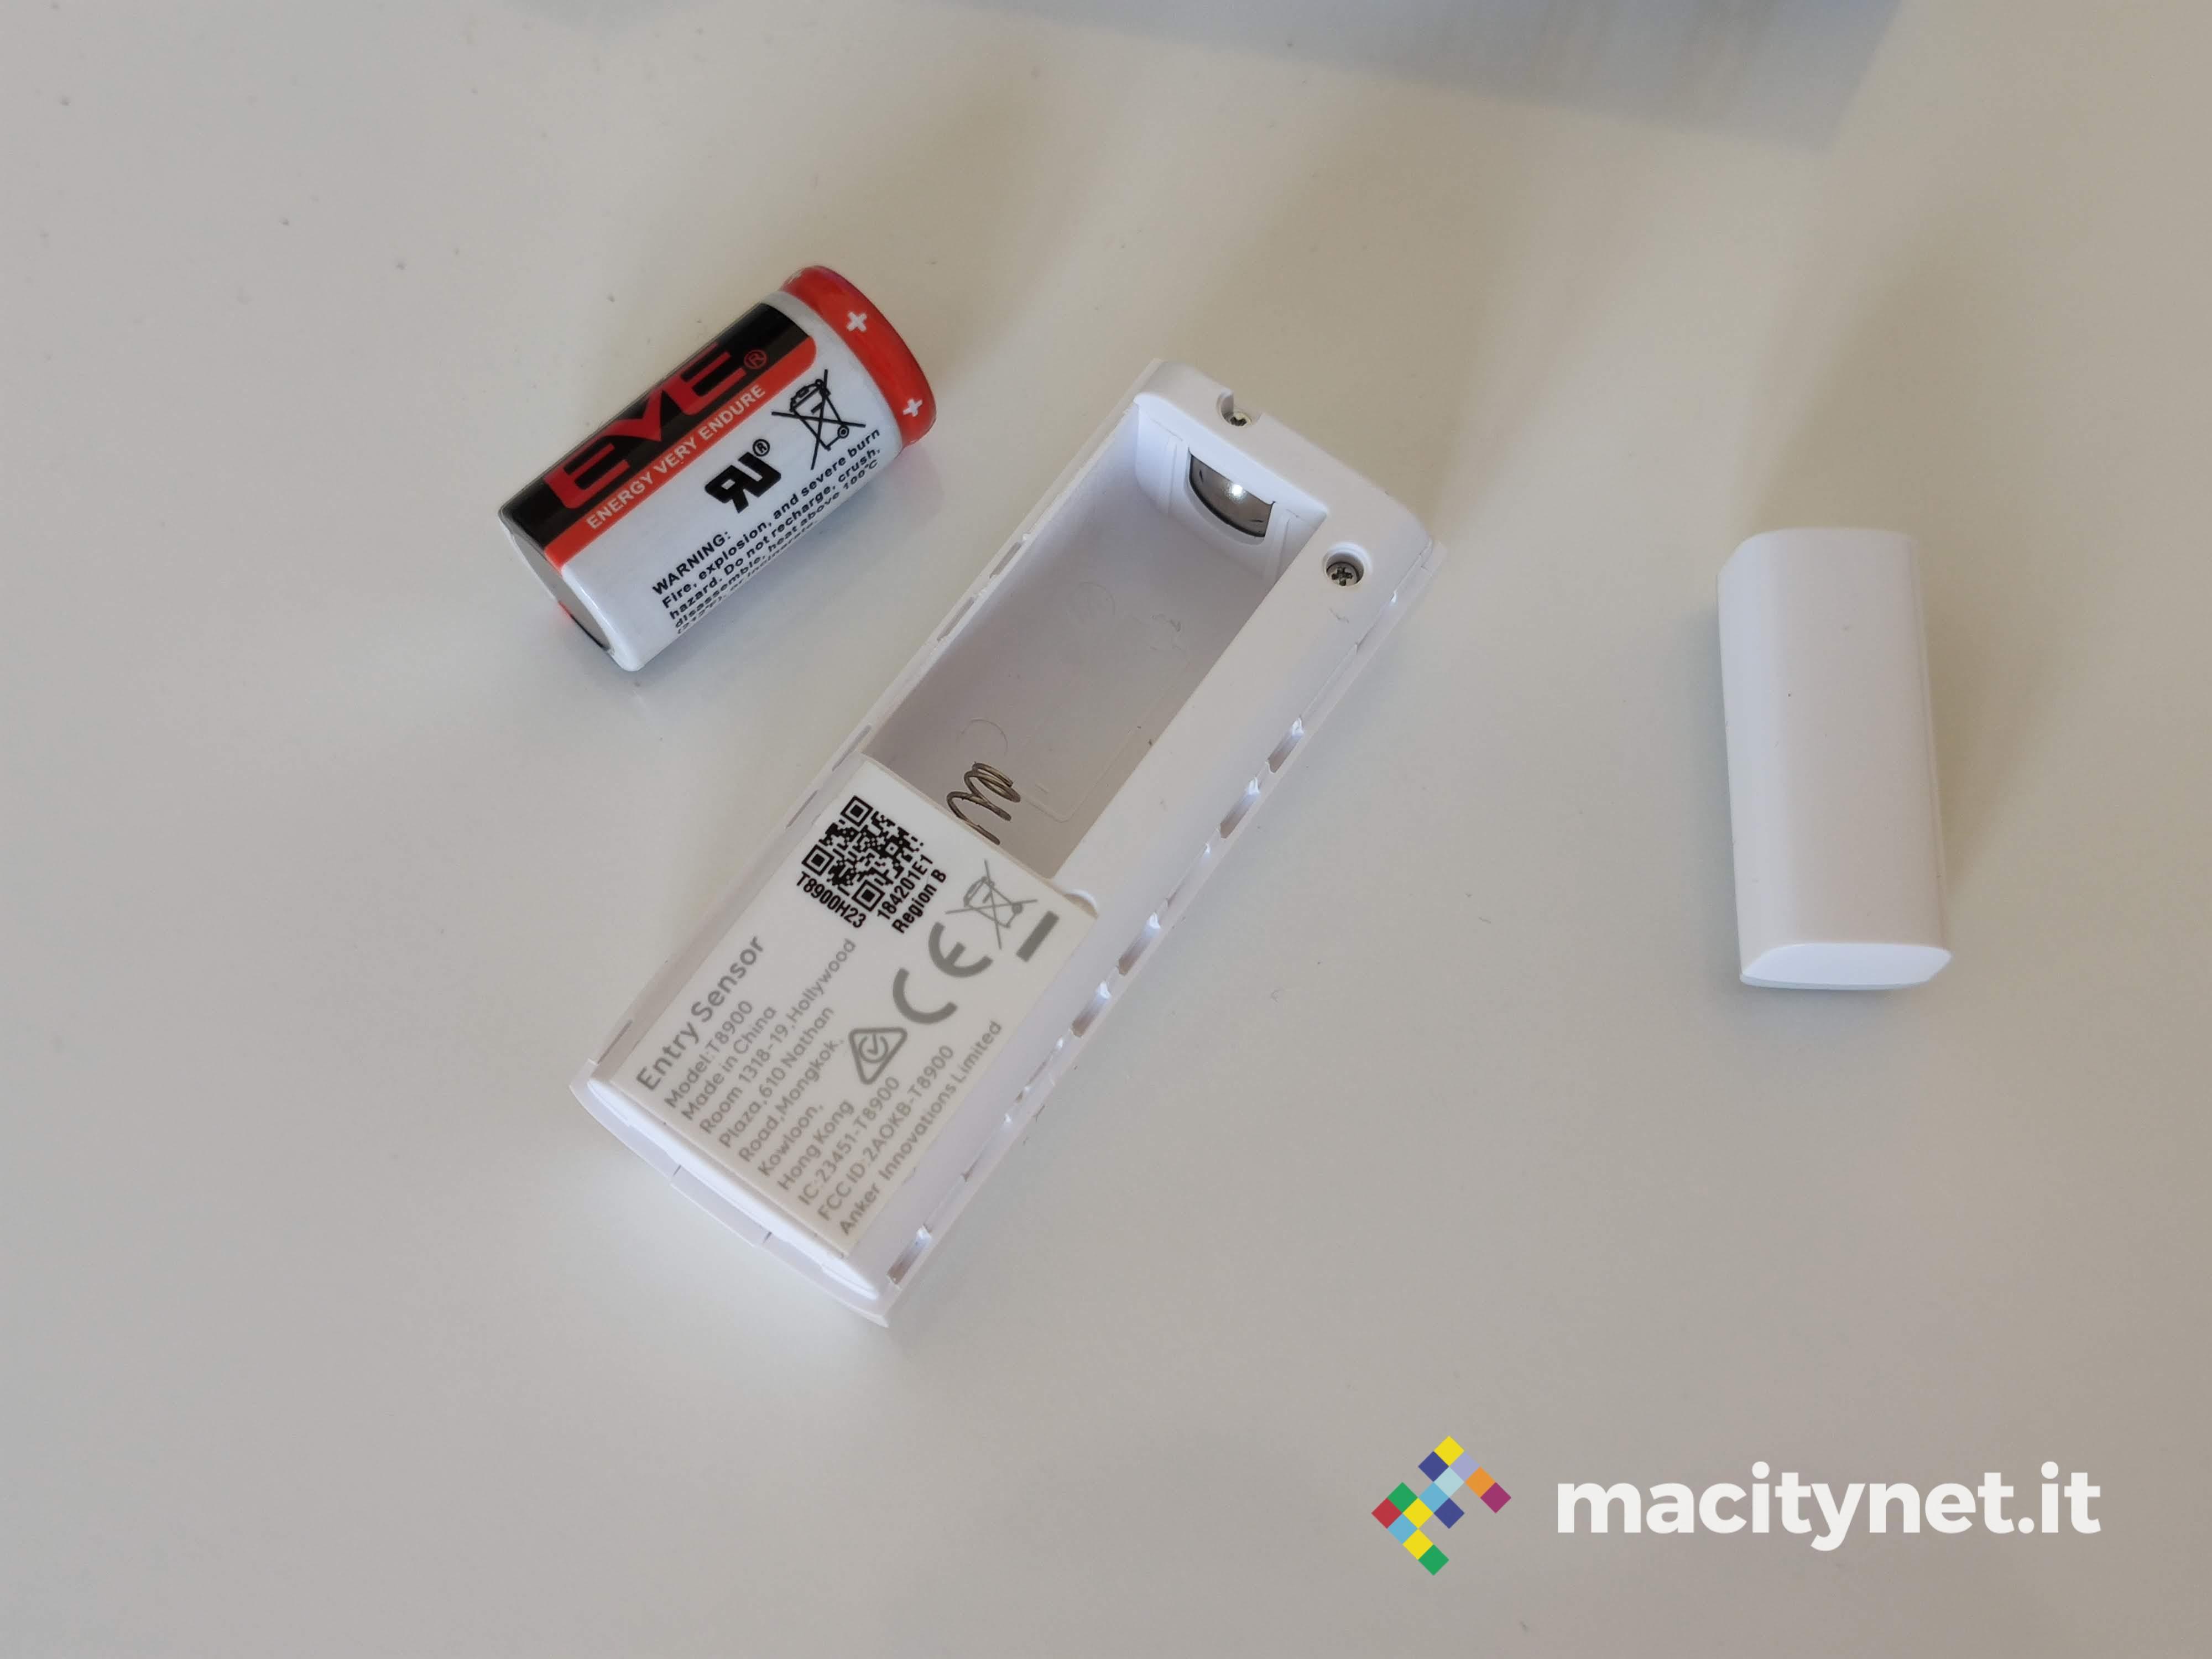 Recensione sensore per porte e finestre Eufy Security, un'arma in più contro i malintenzionati